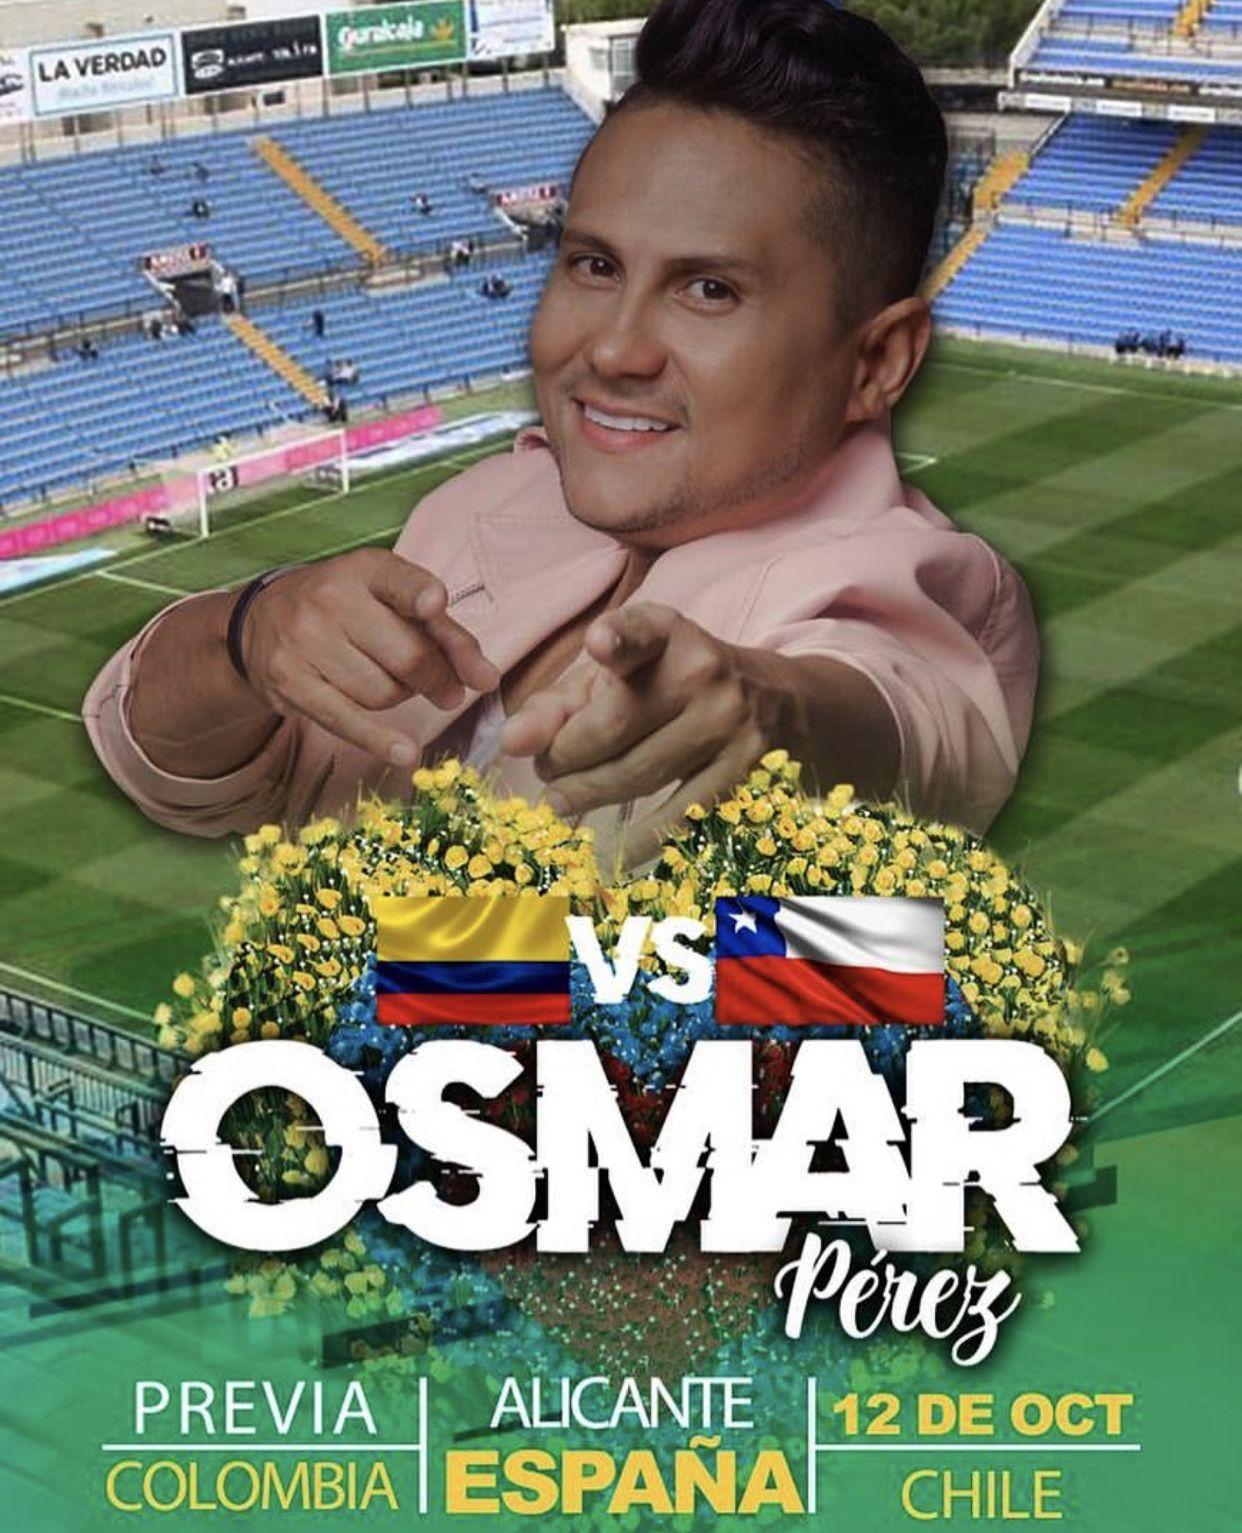 Osmar Pérez cantará el himno de Colombia en el partido de Colombia vs Chile